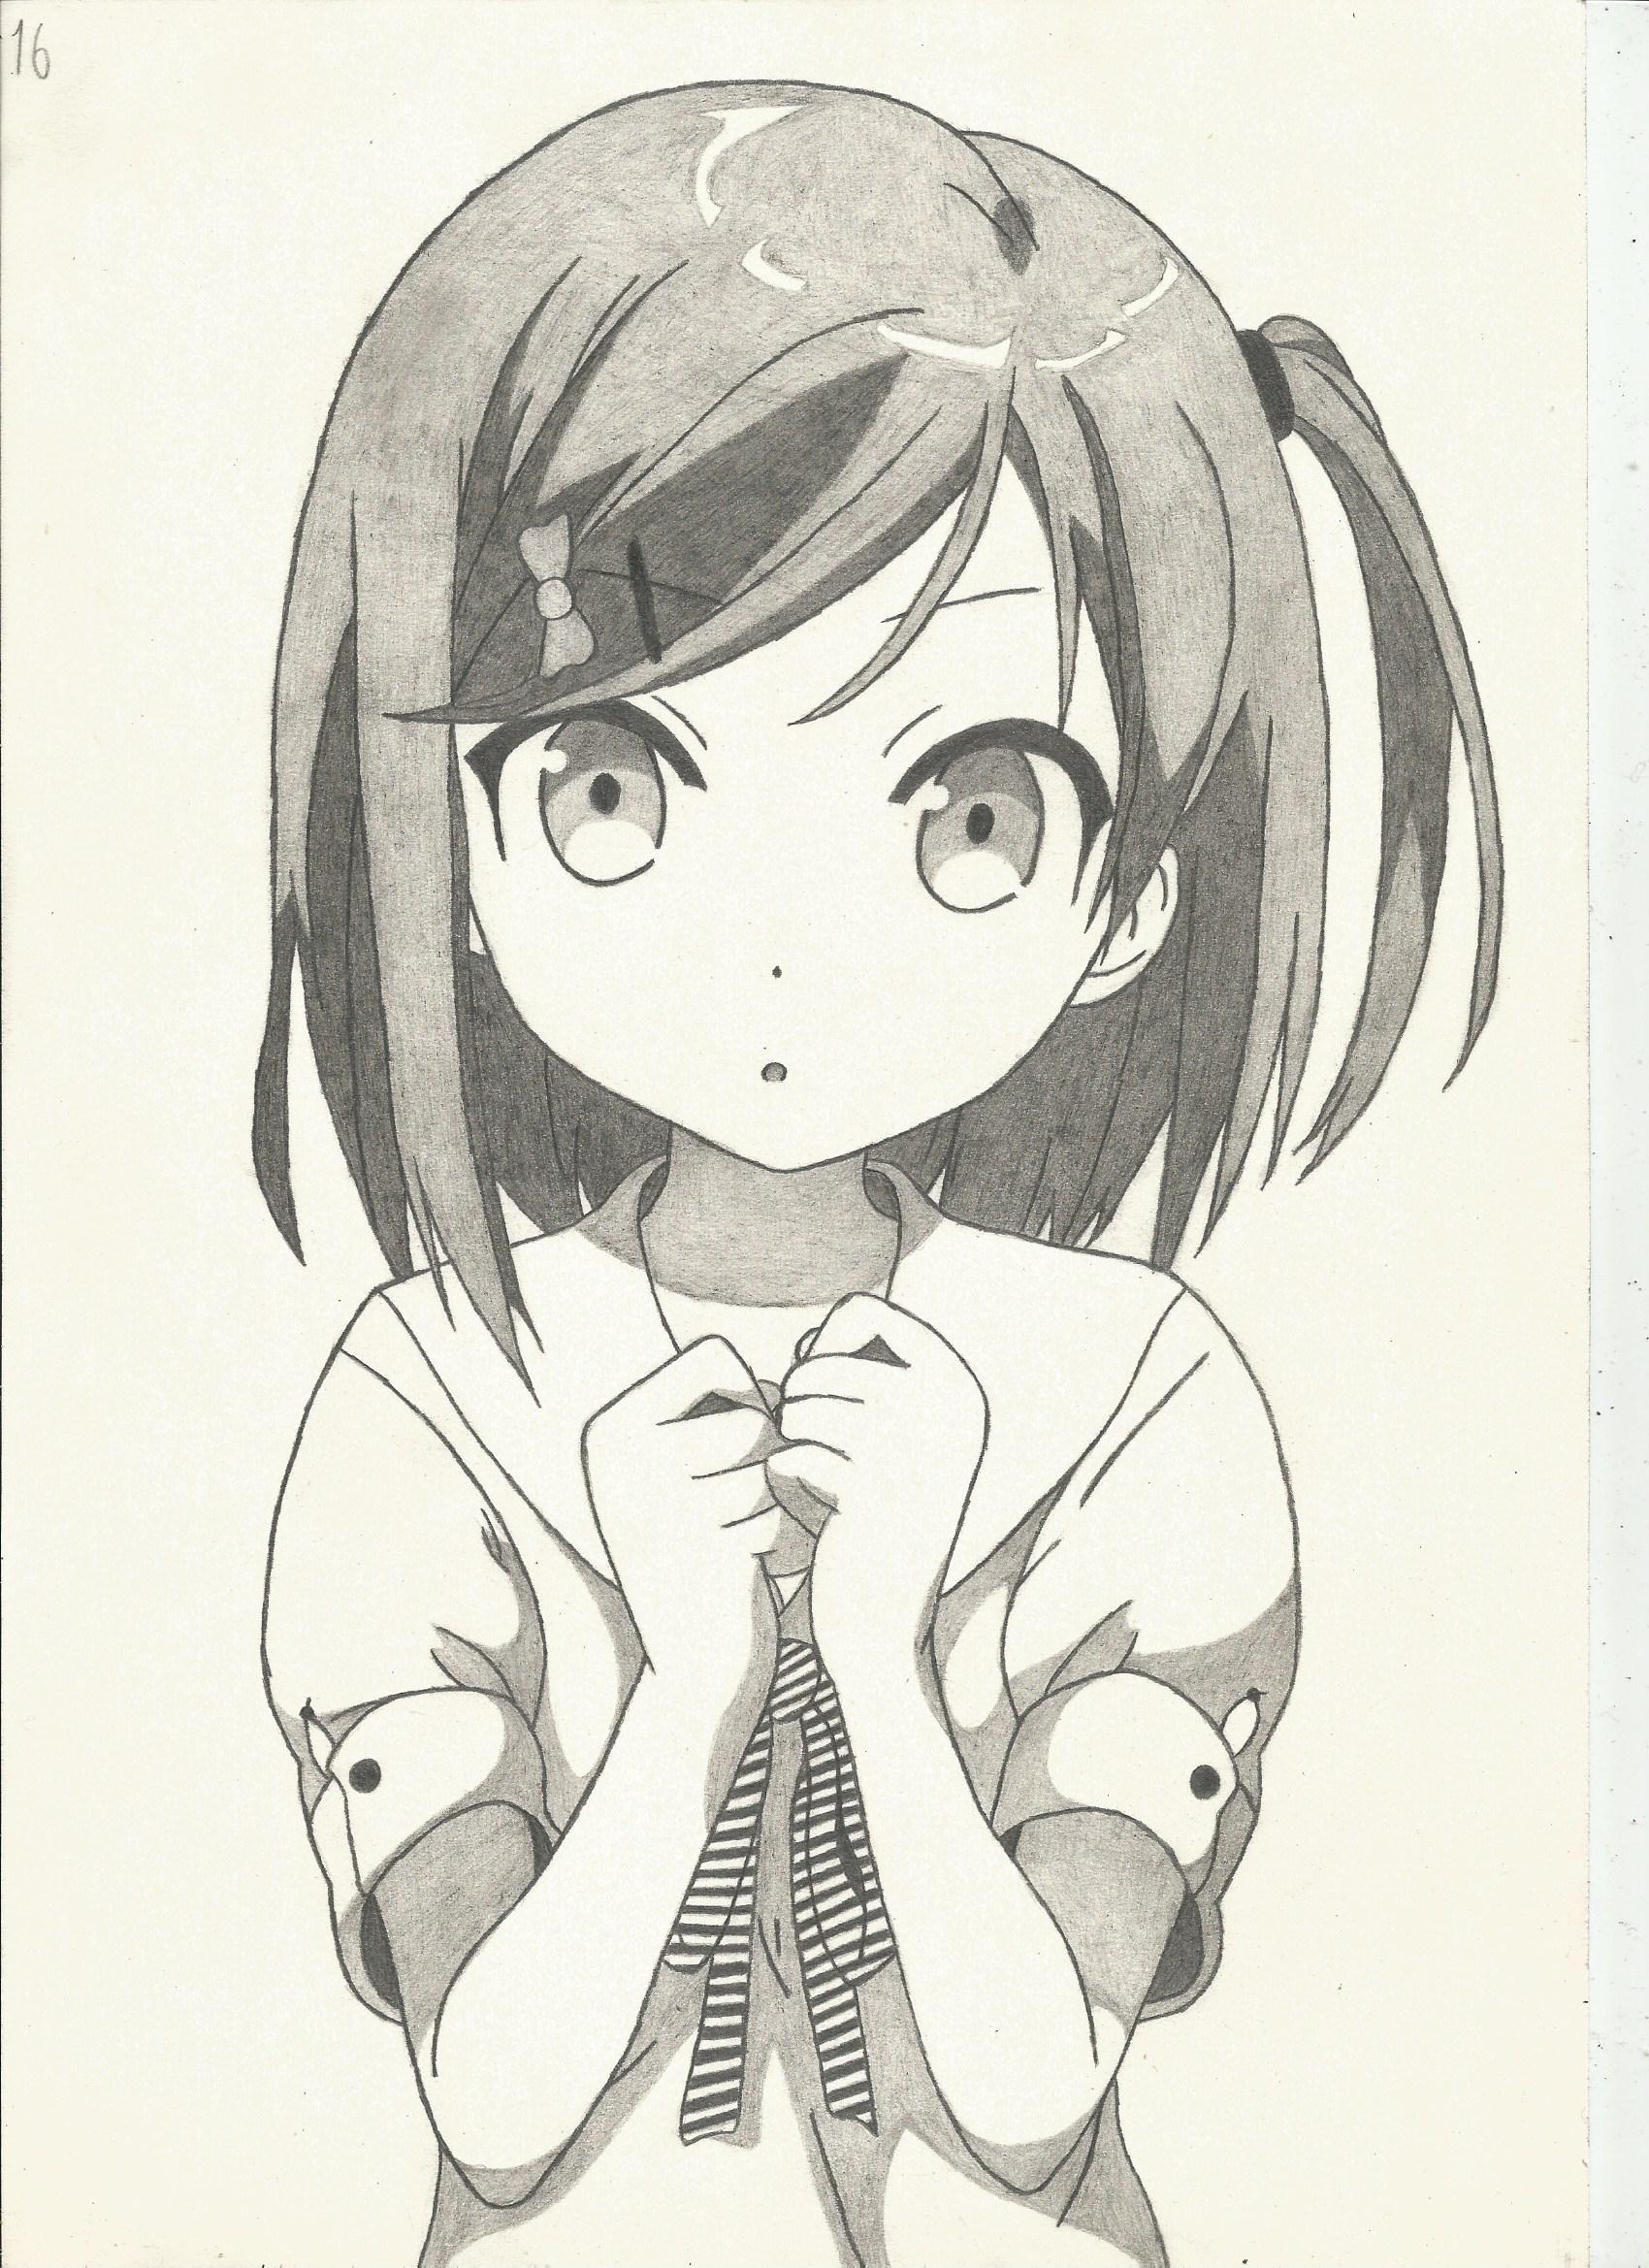 Zhestokie Anime Risunki Karandashom 21 Tys Izobrazhenij Najdeno V